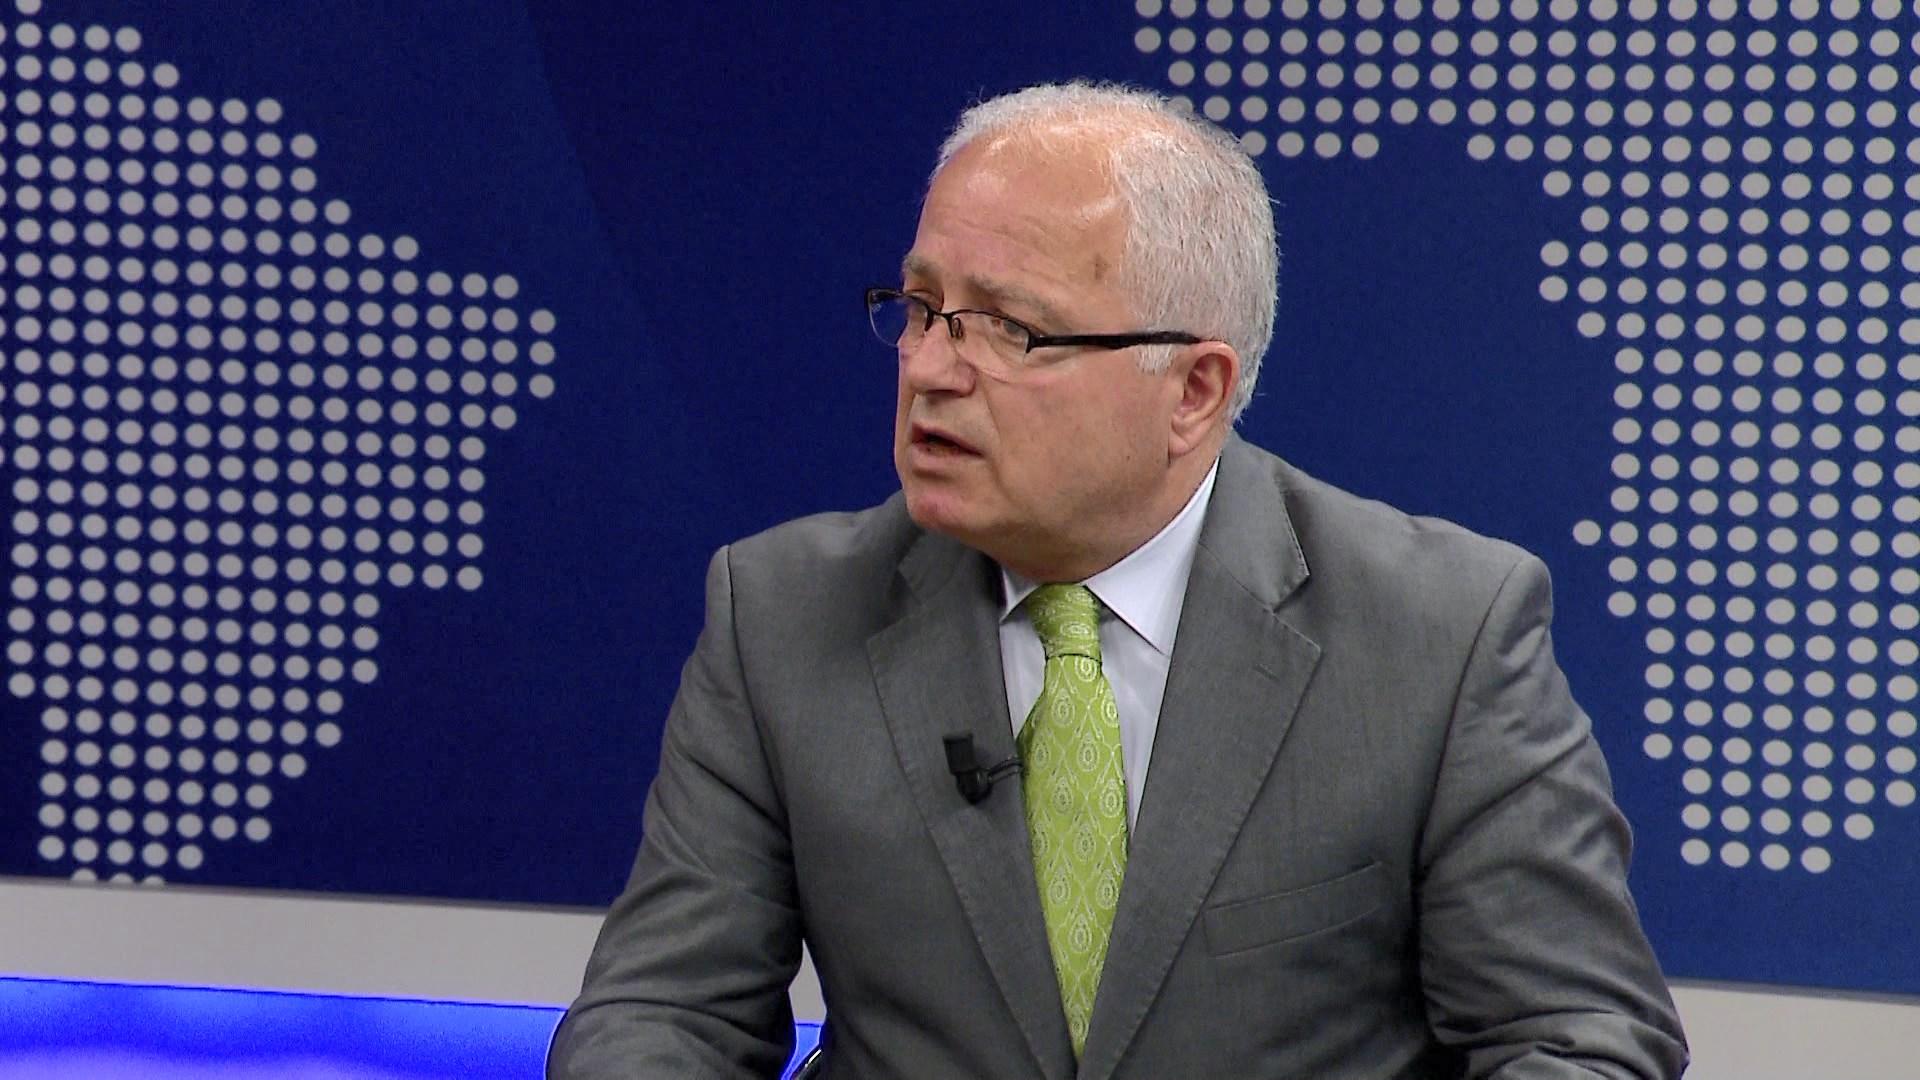 Marrëdhënie e kushtëzuar me parlamentin/Edmond Spaho në ABC News